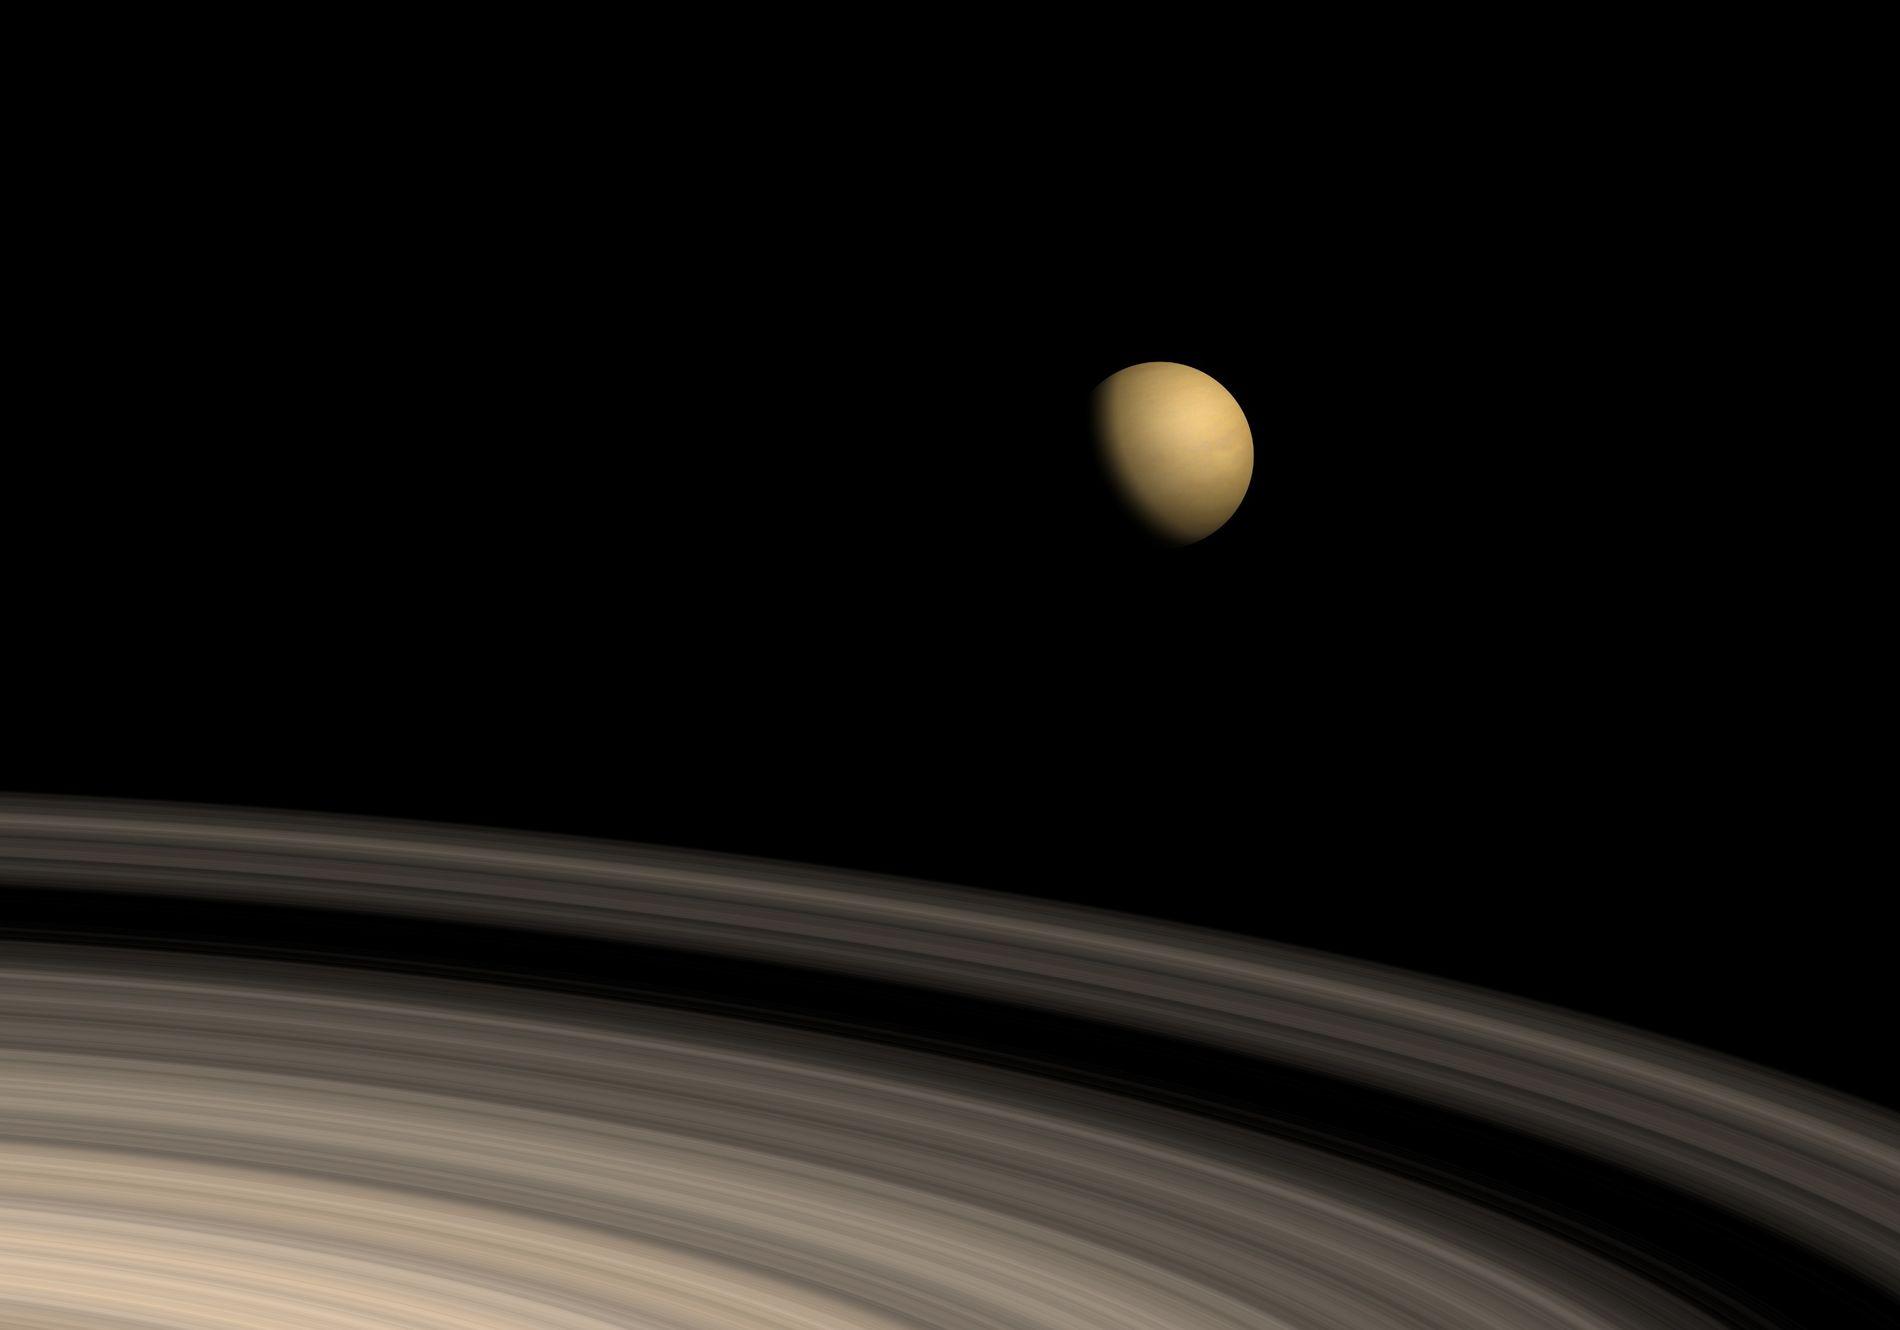 Titan est une lune aux caractéristiques intrigantes : ses paysages et ses phénomènes géologiques l'apparentent fortement à Mars et à notre planète. Récemment, des chercheurs de l'Université de l'Arizona ont découvert un immense couloir de glace sous sa surface.